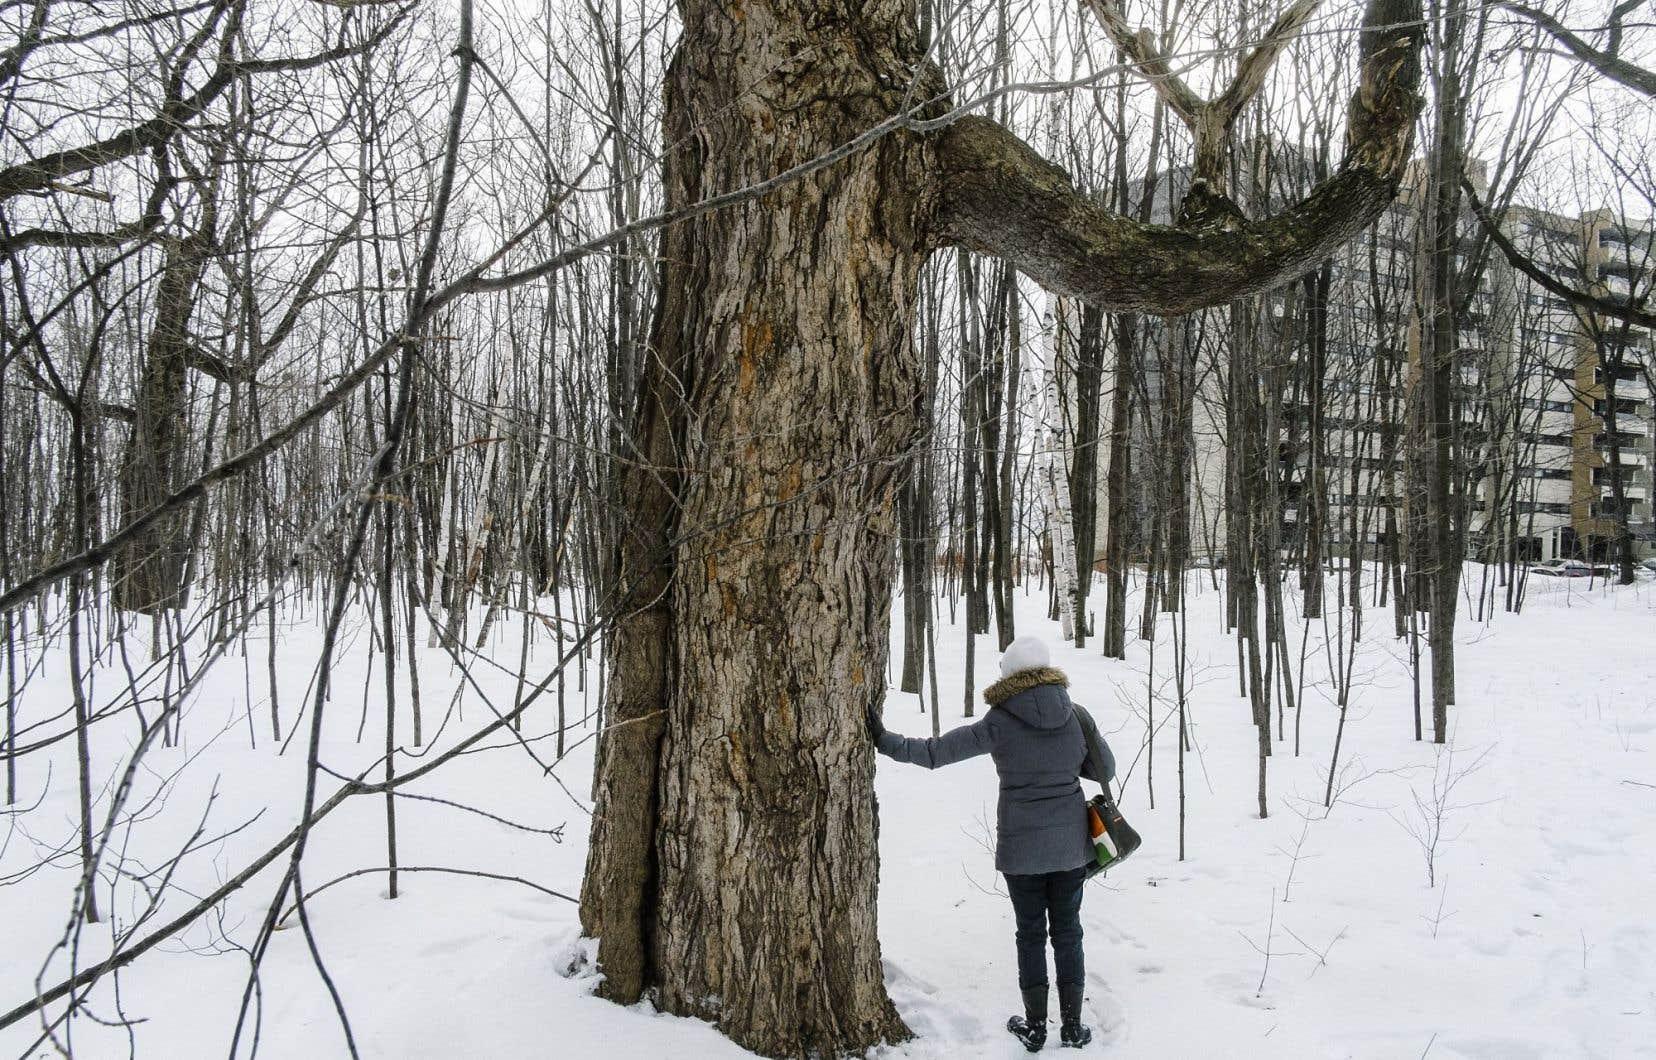 En 2013, le projet immobilier du boisé Woodfield, aussi à Sillery, avait fait grand bruit.